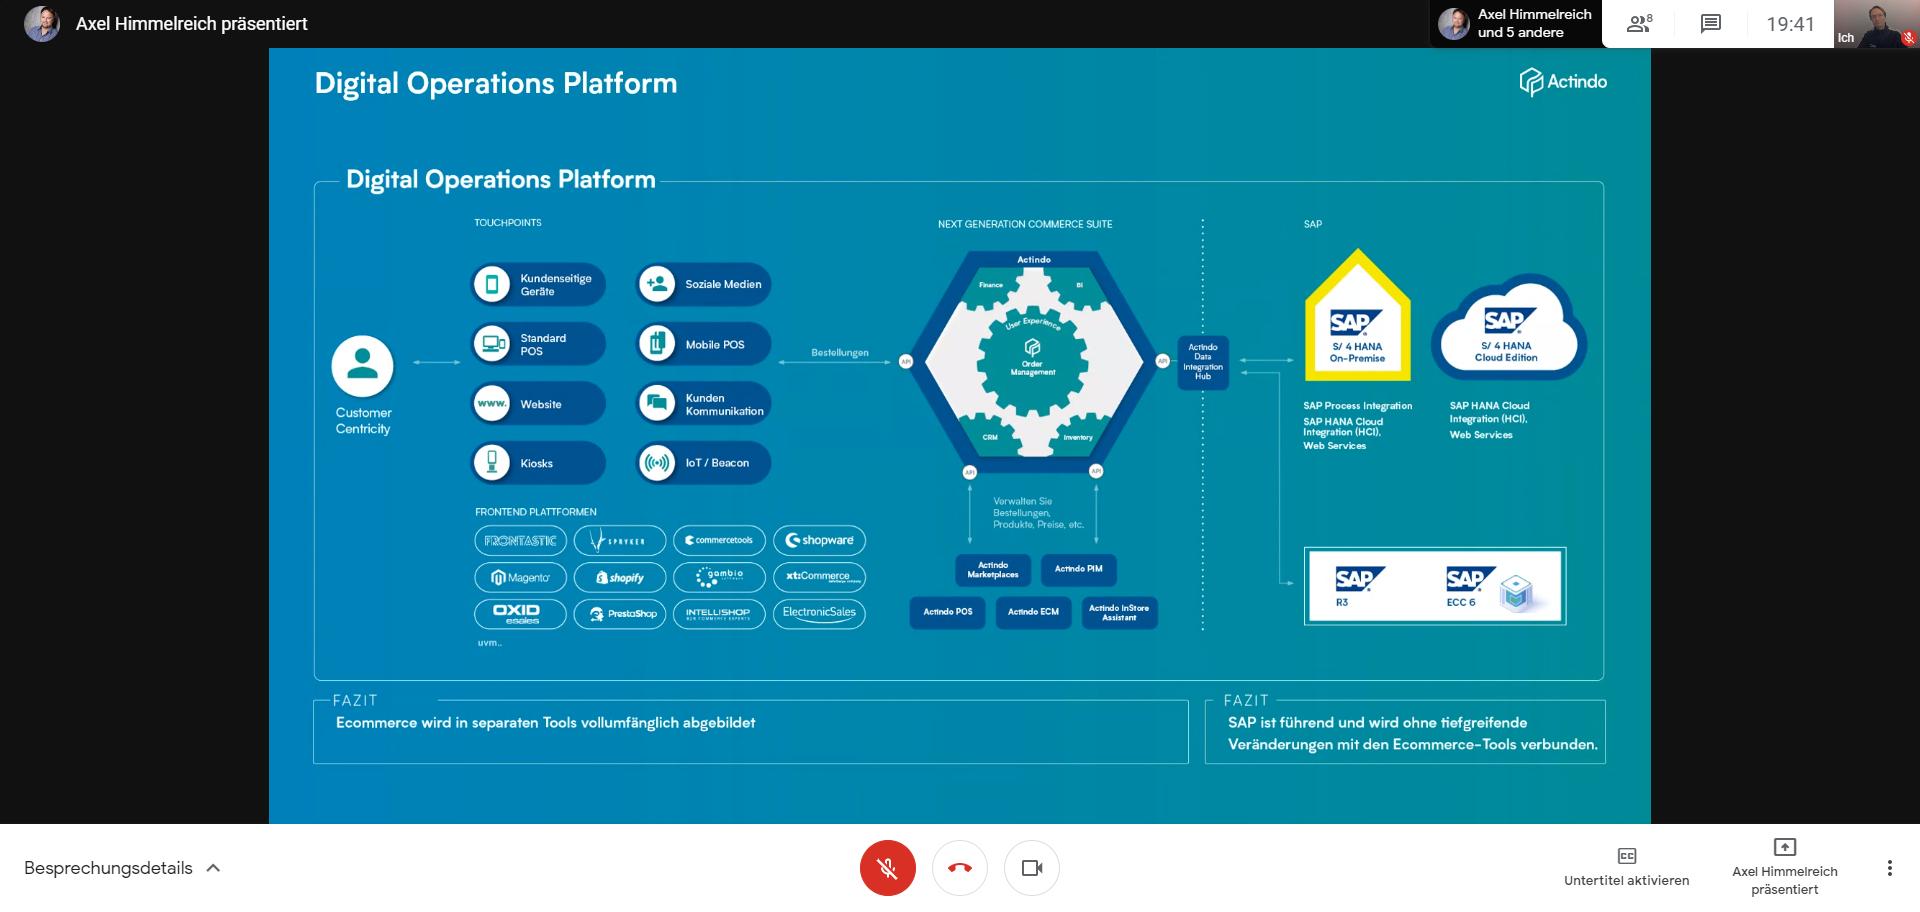 Axel Himmelreich von Actindo präsentiert das Konzept Digital Operations Platform (DOP)